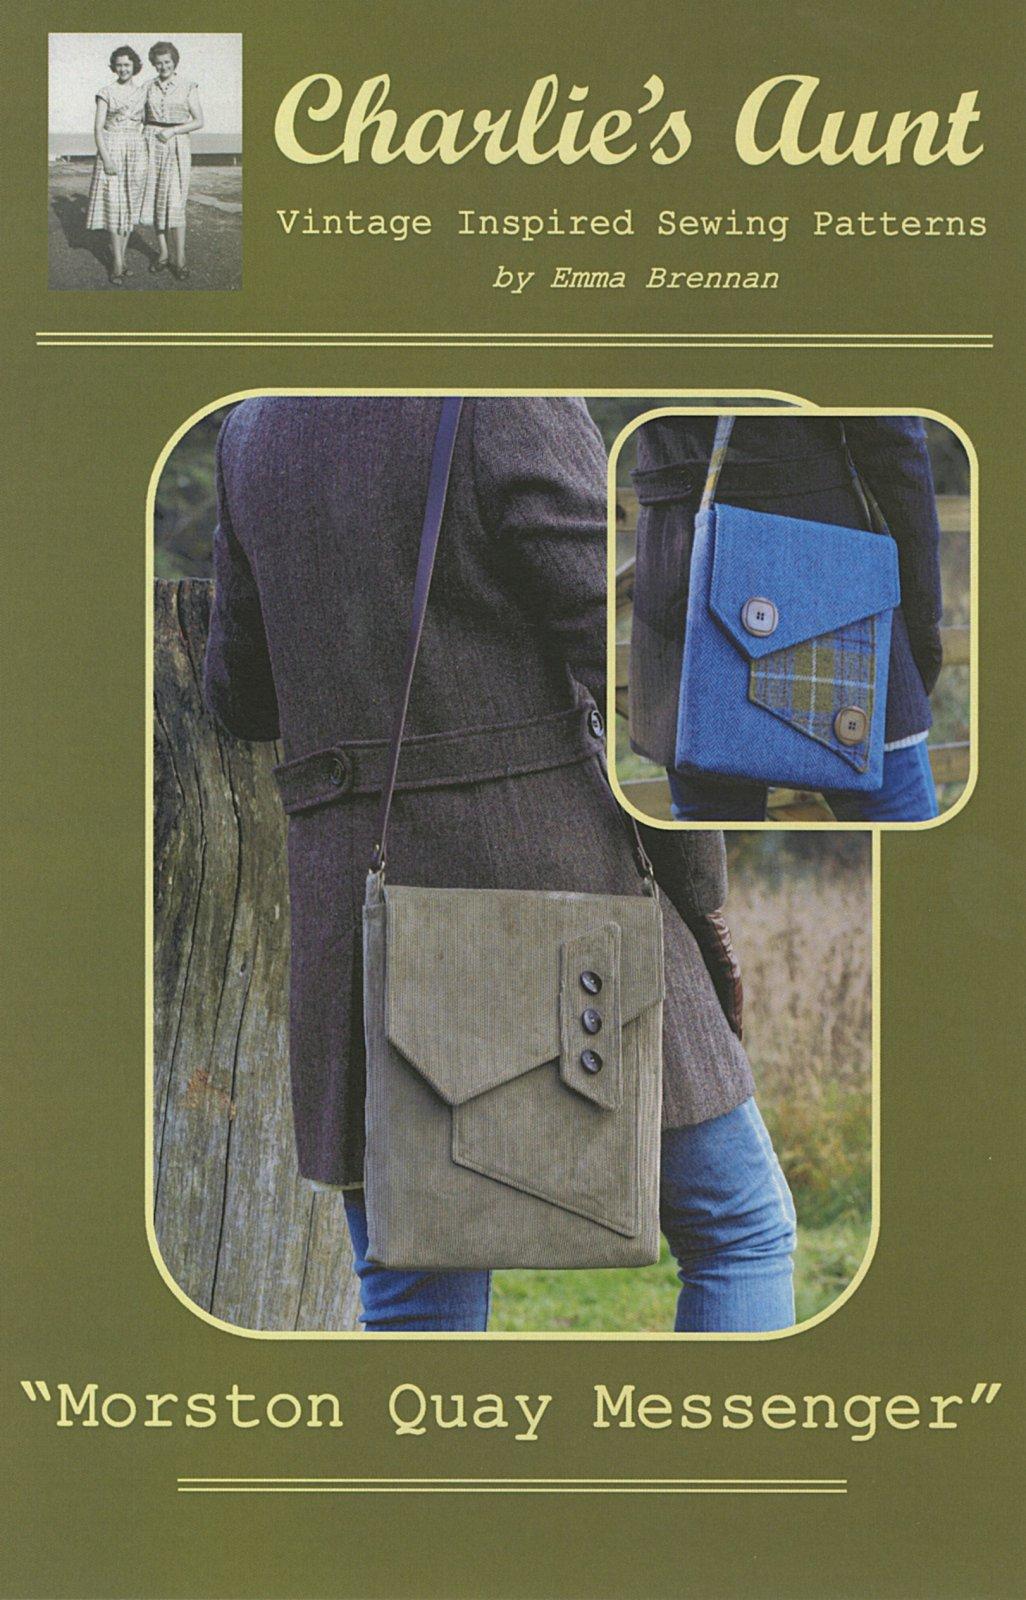 Morston Quay Messenger Bag